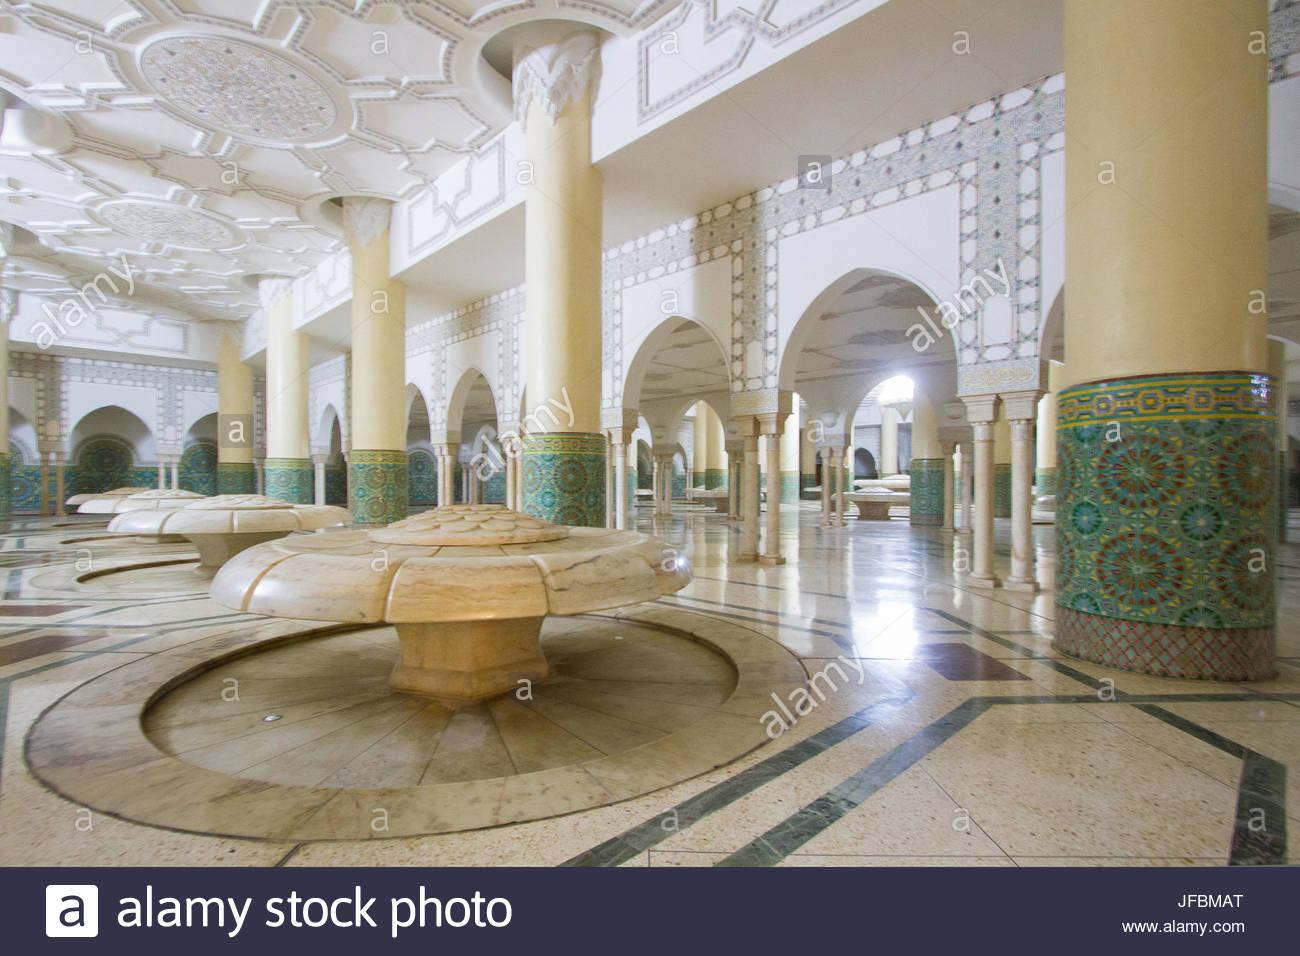 Archi interni e piastrelle a mosaico di lavoro il bagno turco sotto